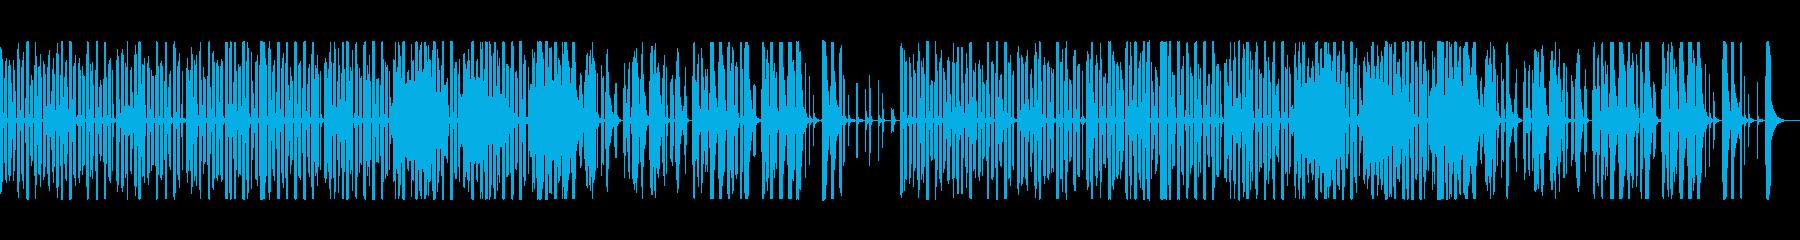 リコーダー、ゆるい、ほのぼの、生配信の再生済みの波形